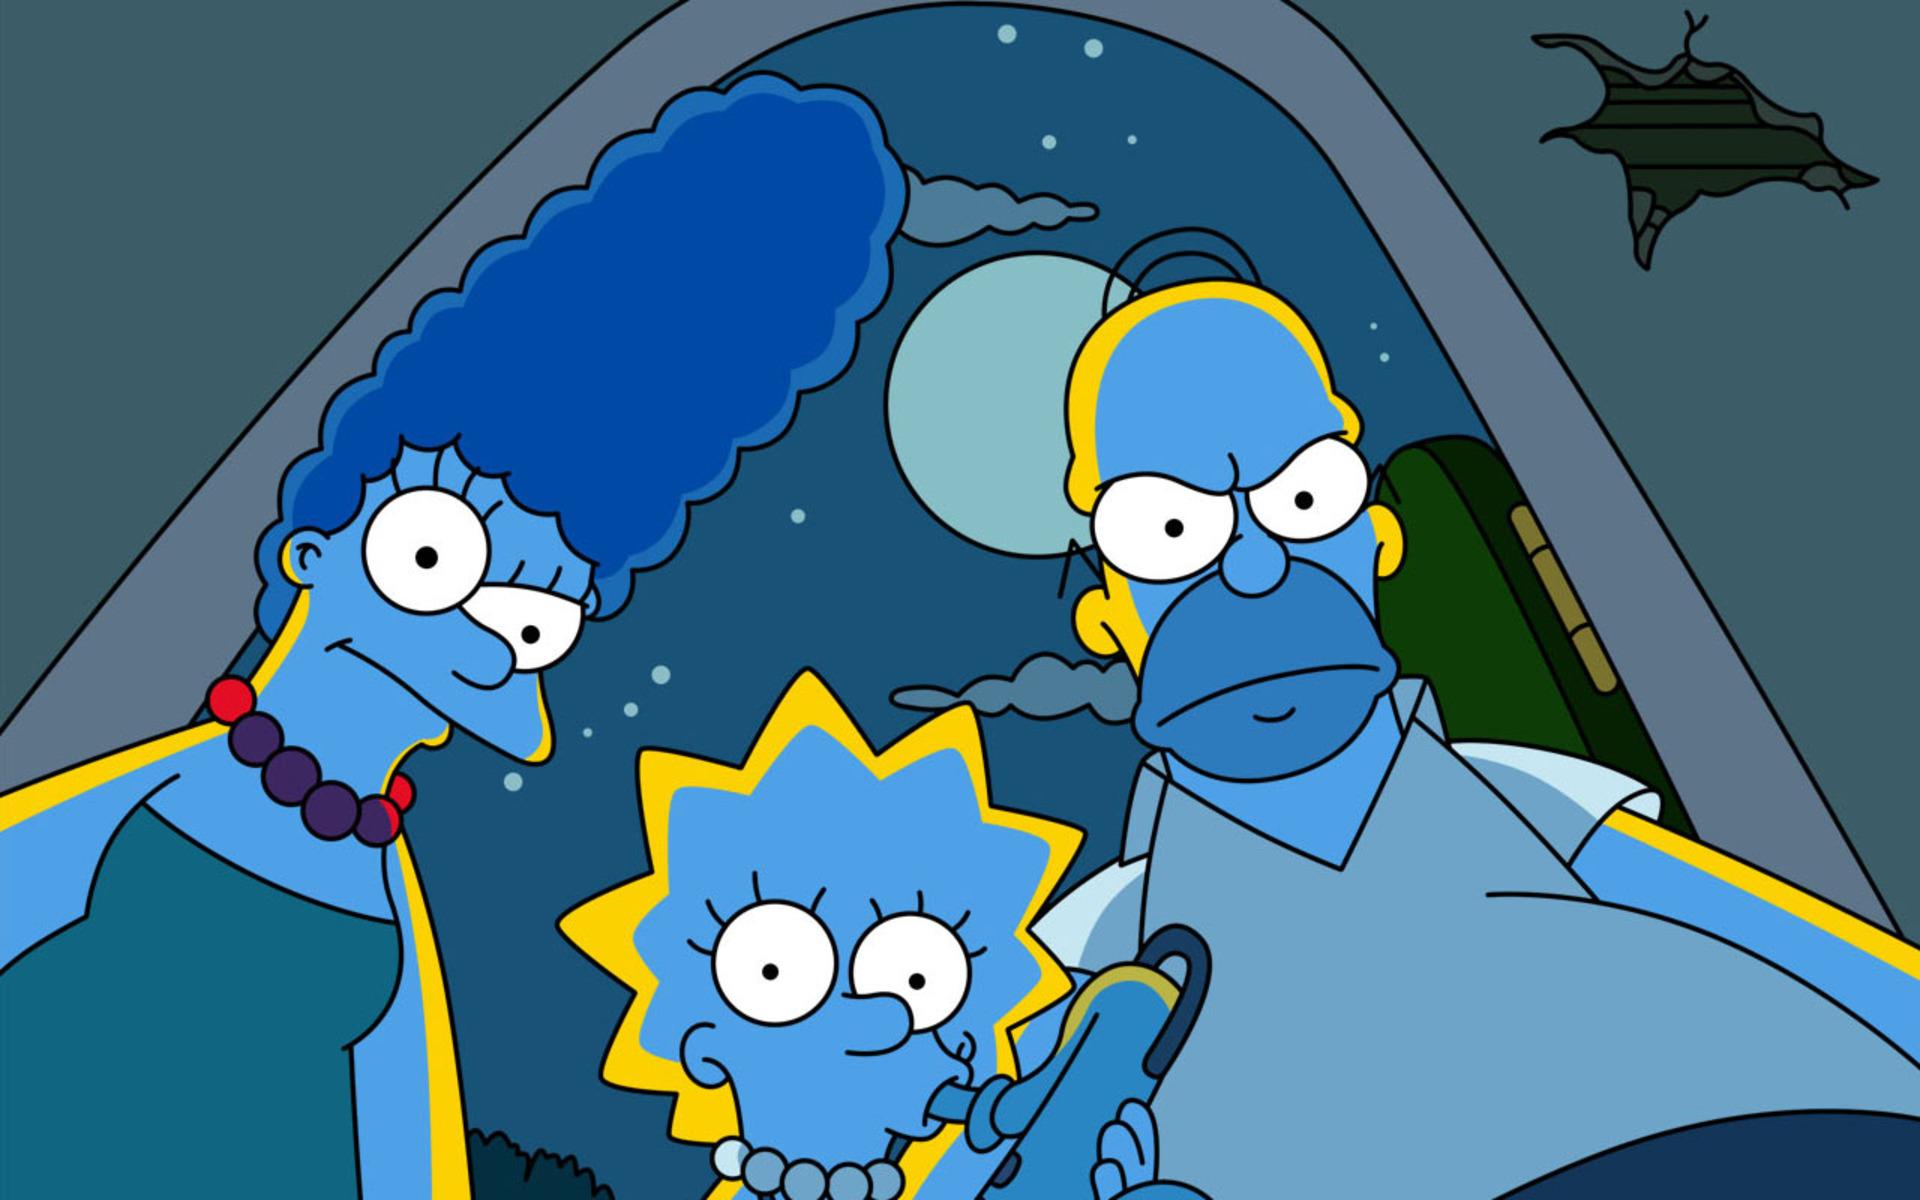 64+ Simpsons Mac Wallpaper on WallpaperSafari